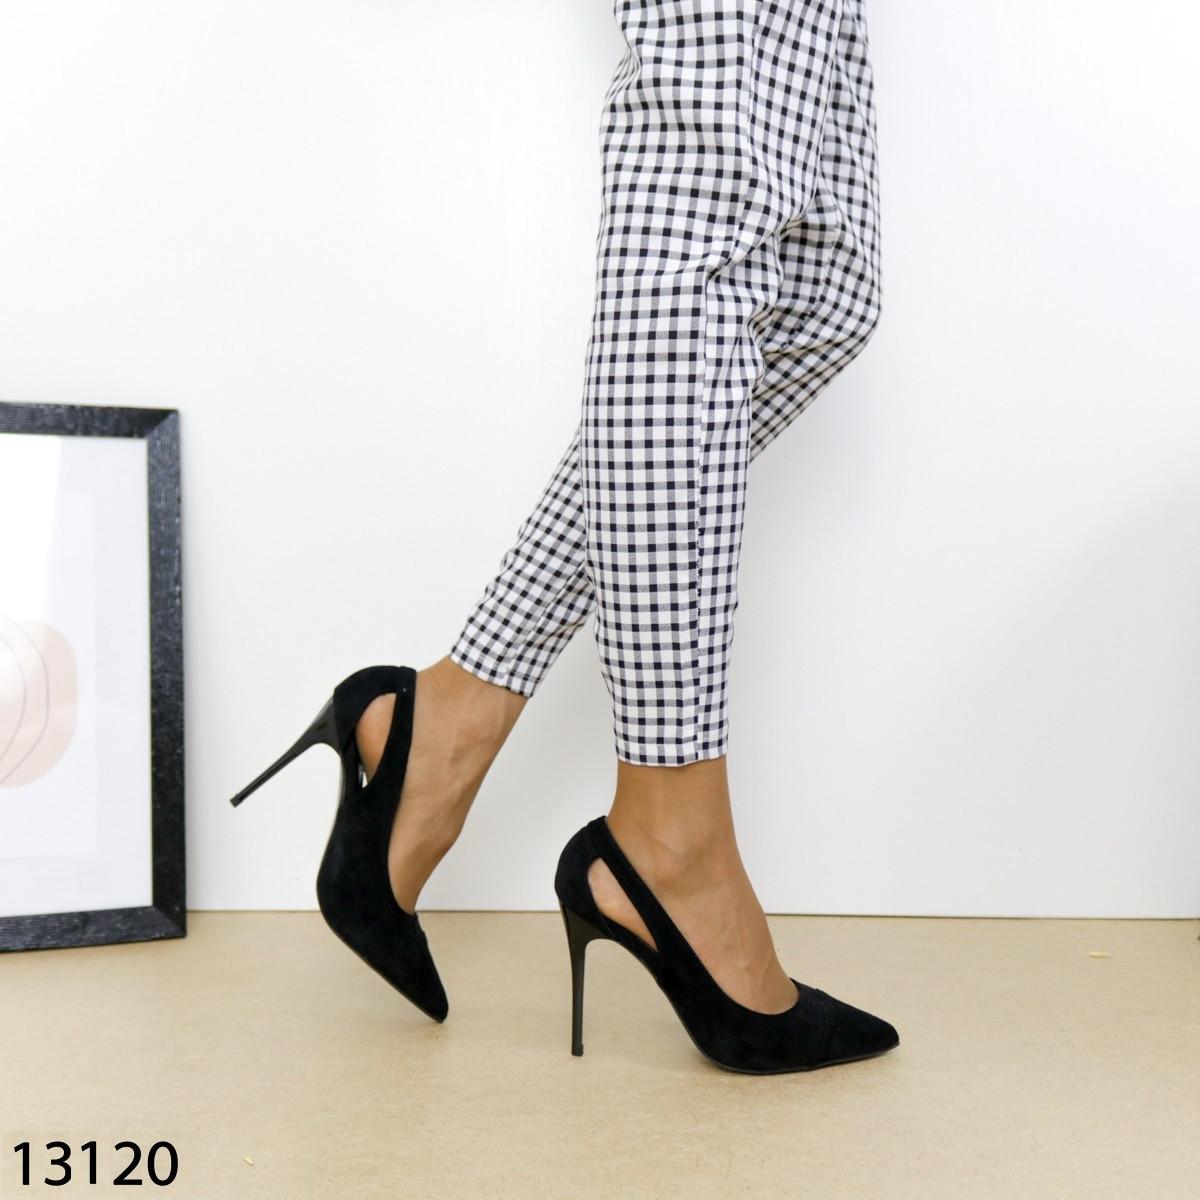 Черные замшевые туфли на устойчивом каблуке 13120 (SH)